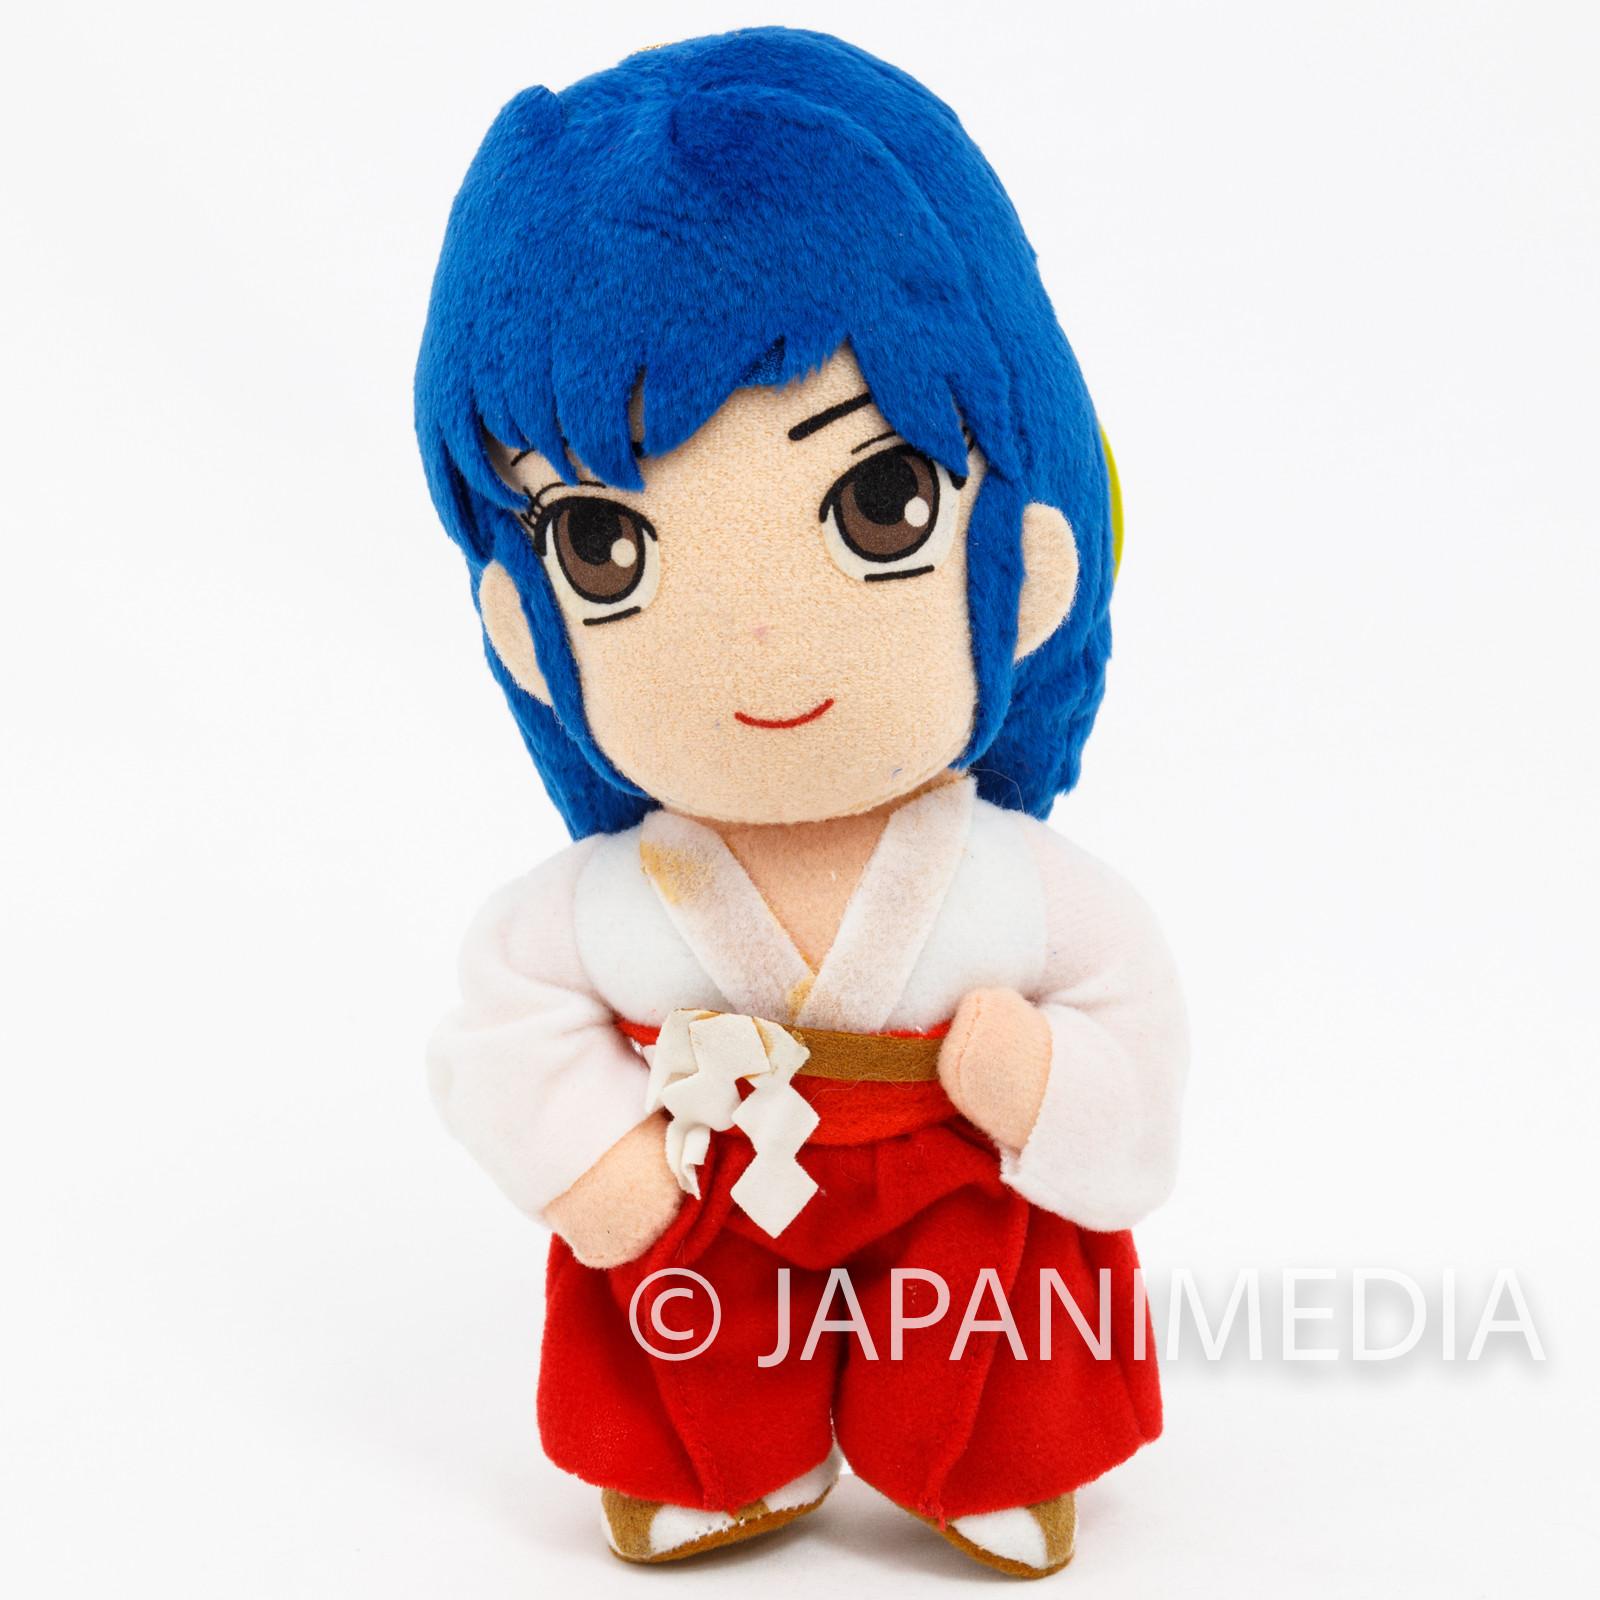 Retro RARE! Urusei Yatsura Teacher Sakura Plush Doll JAPAN ANIME MANGA